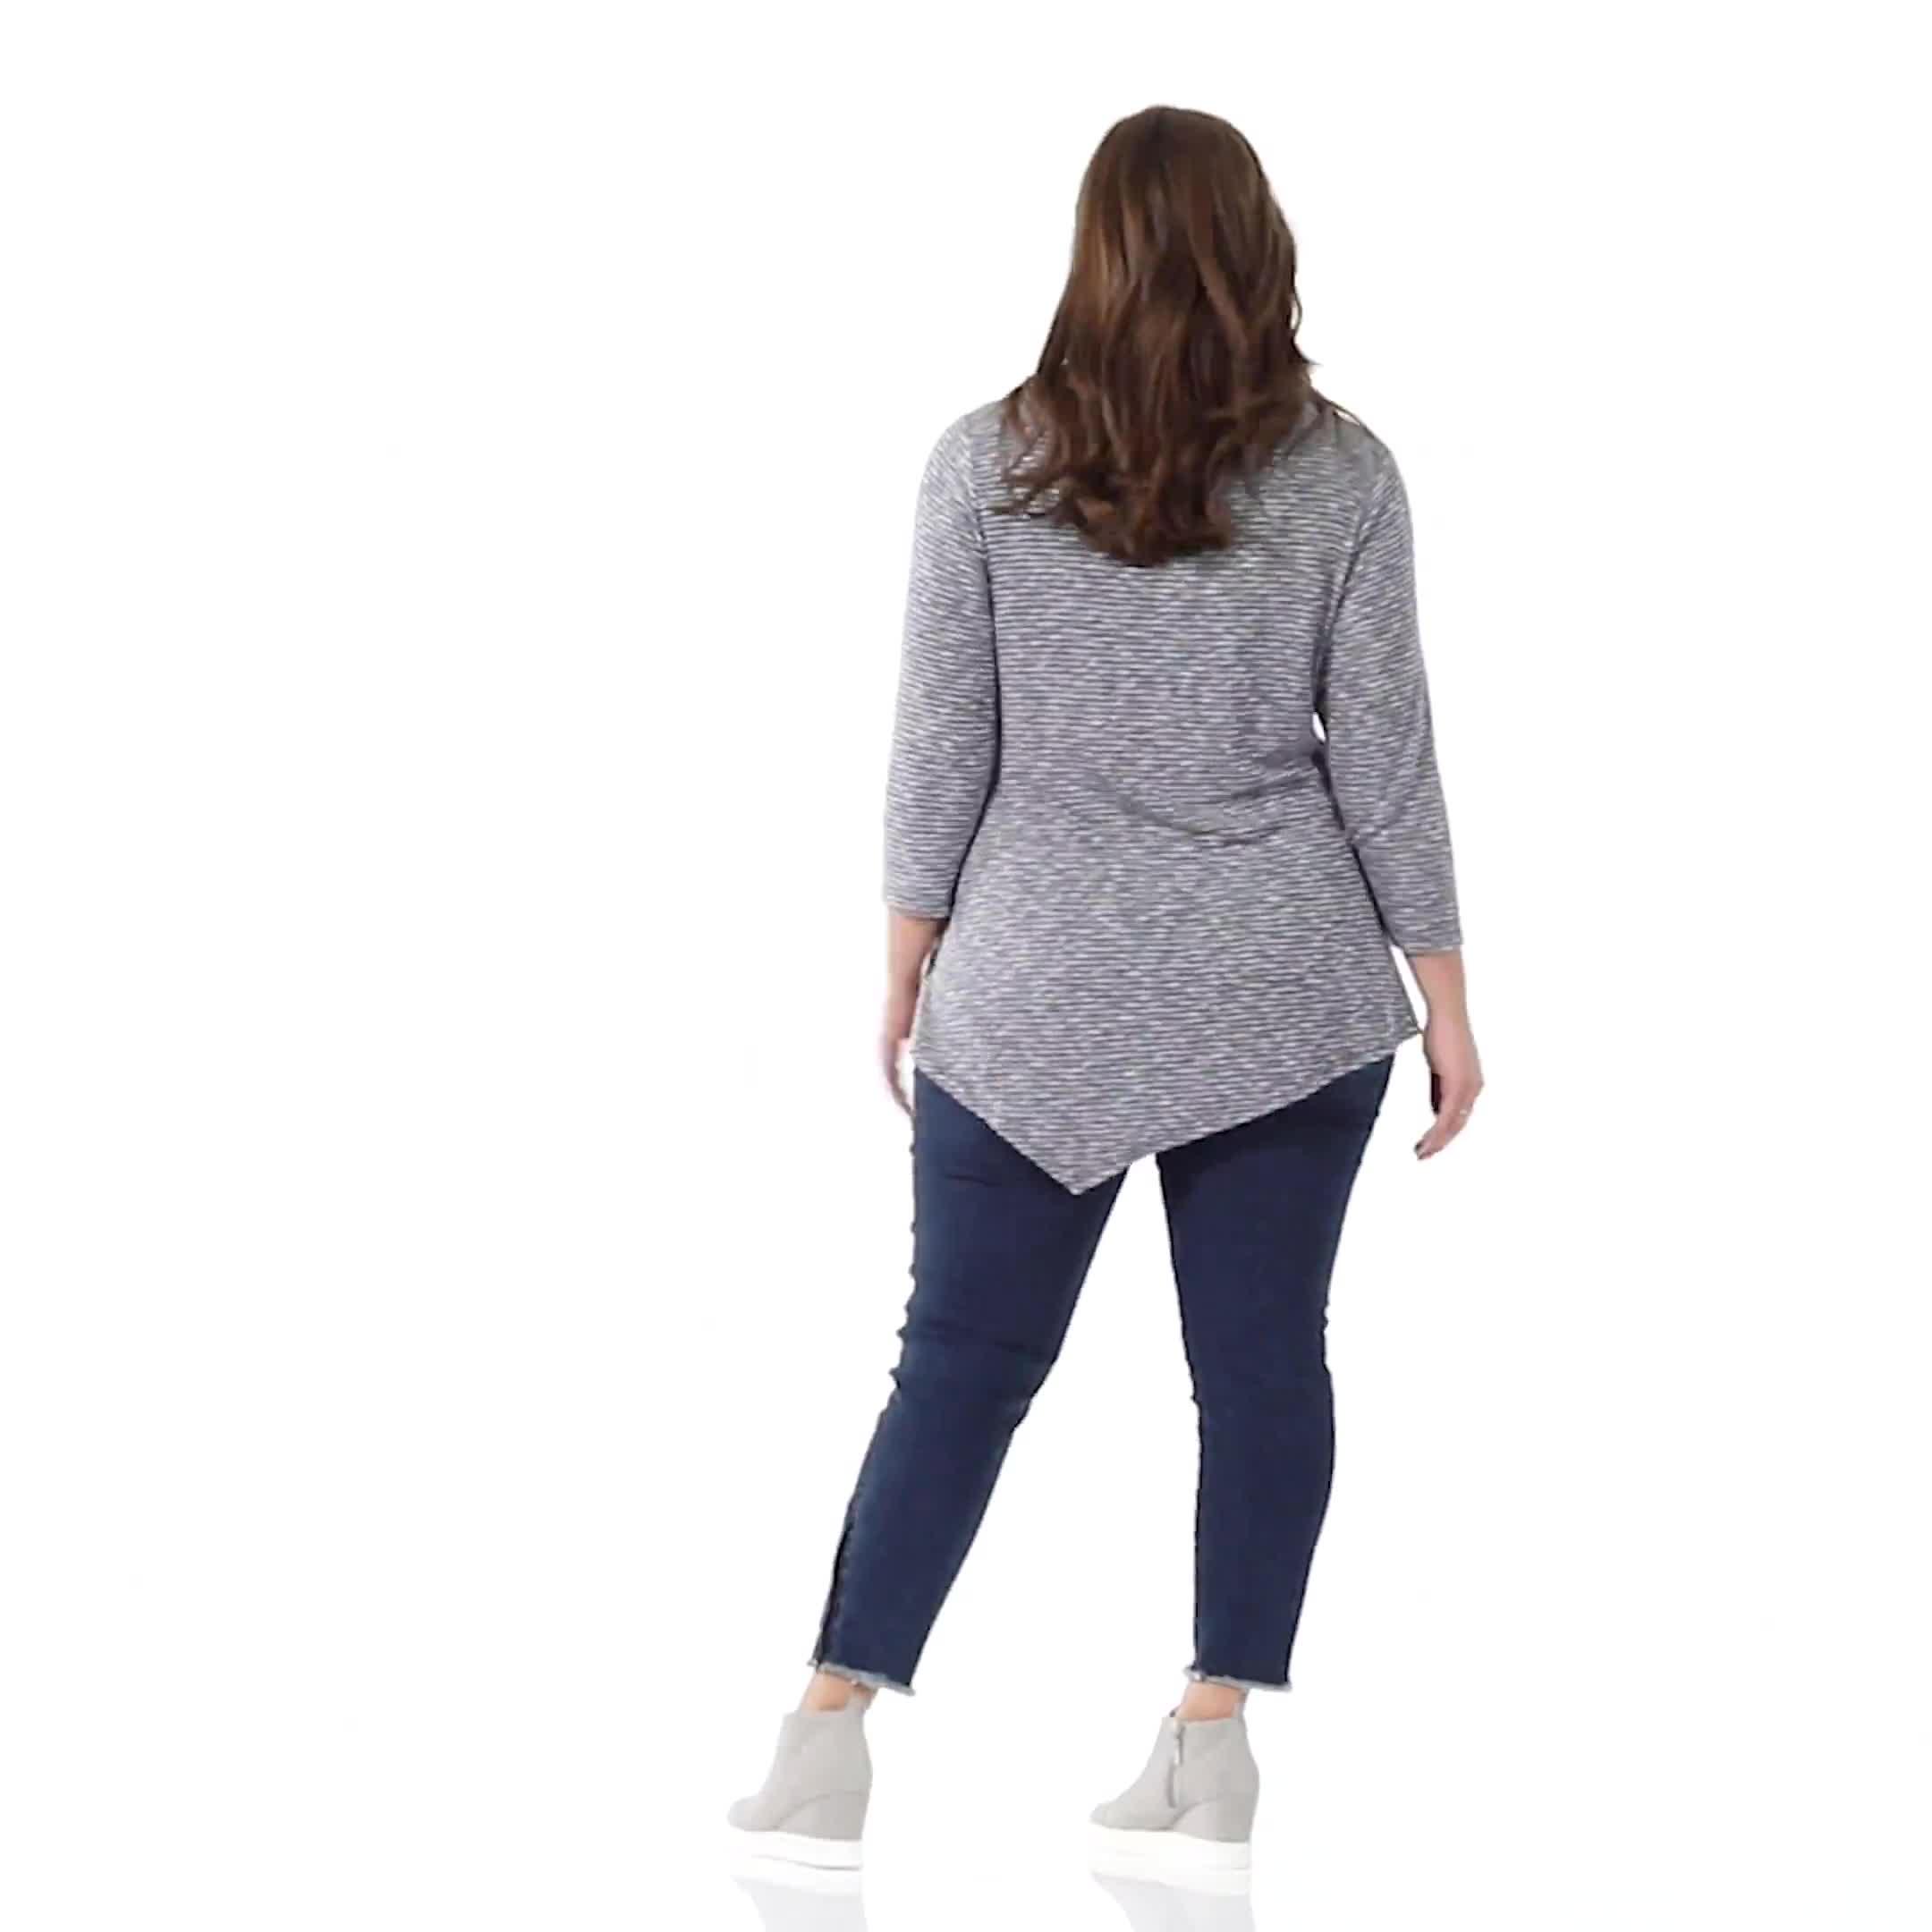 Westport Space Dye Sweater Knit Tunic - Video